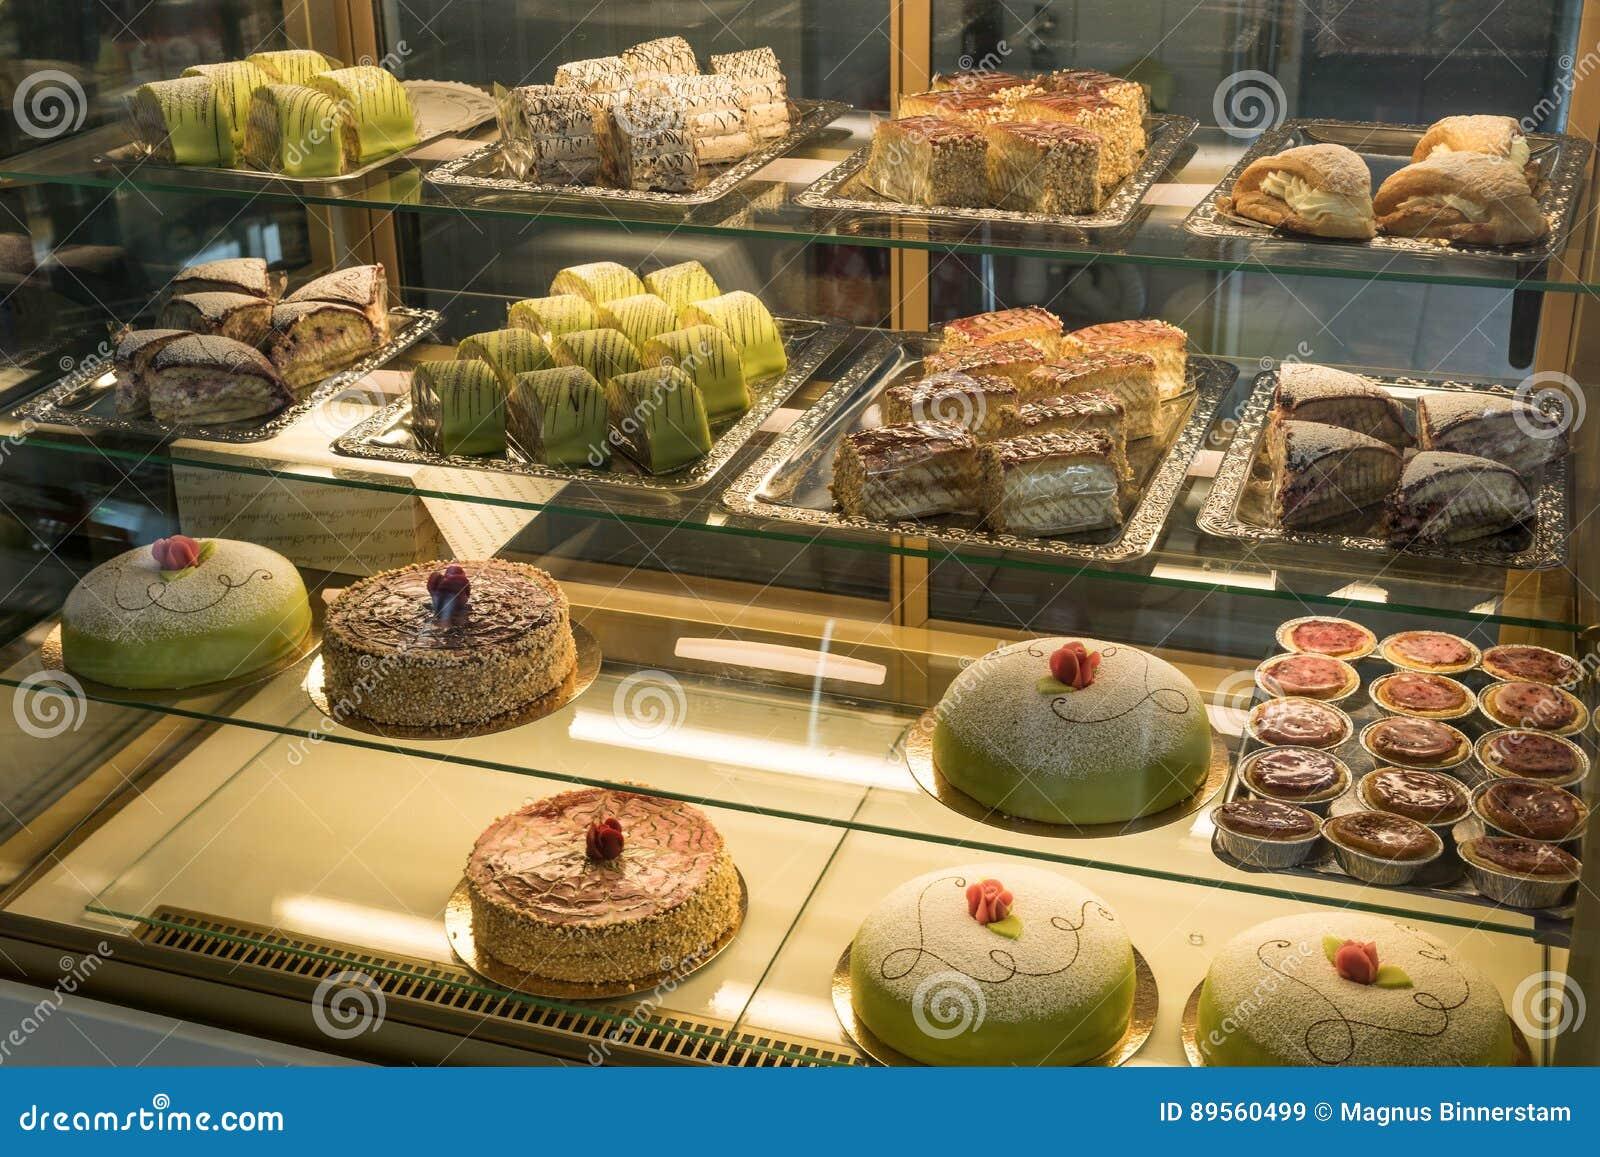 Магазин торта